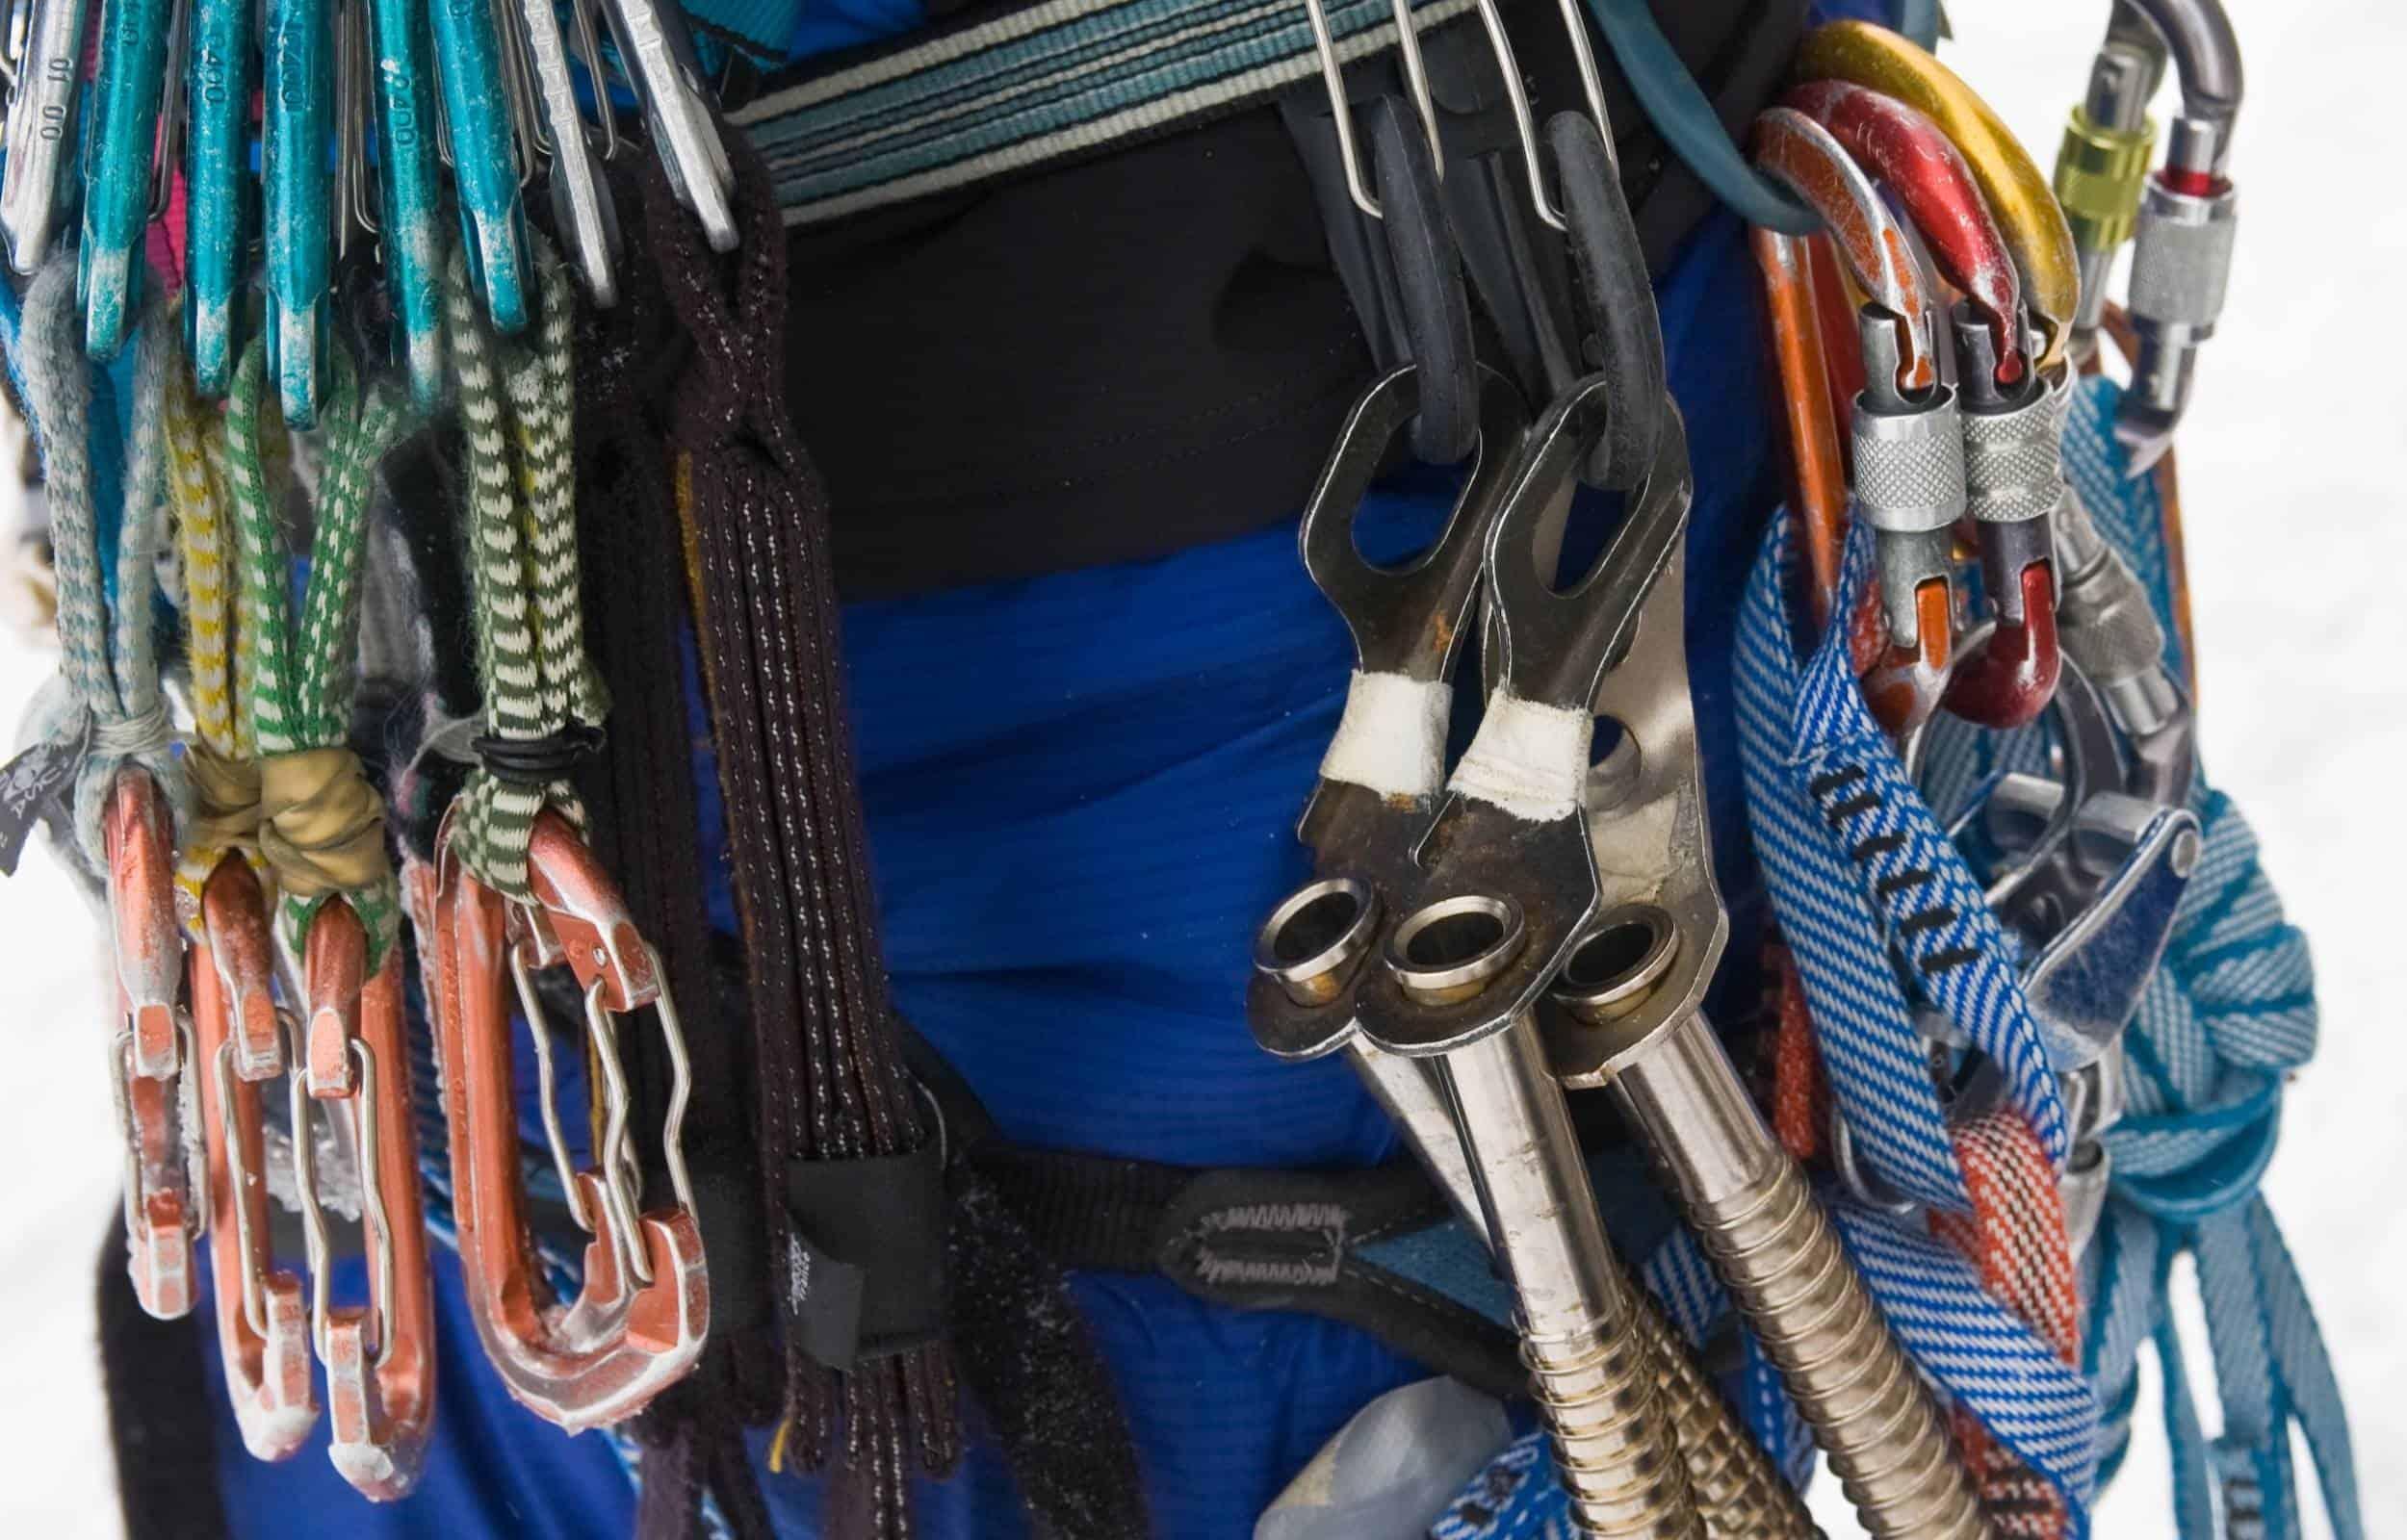 ice climbing rack